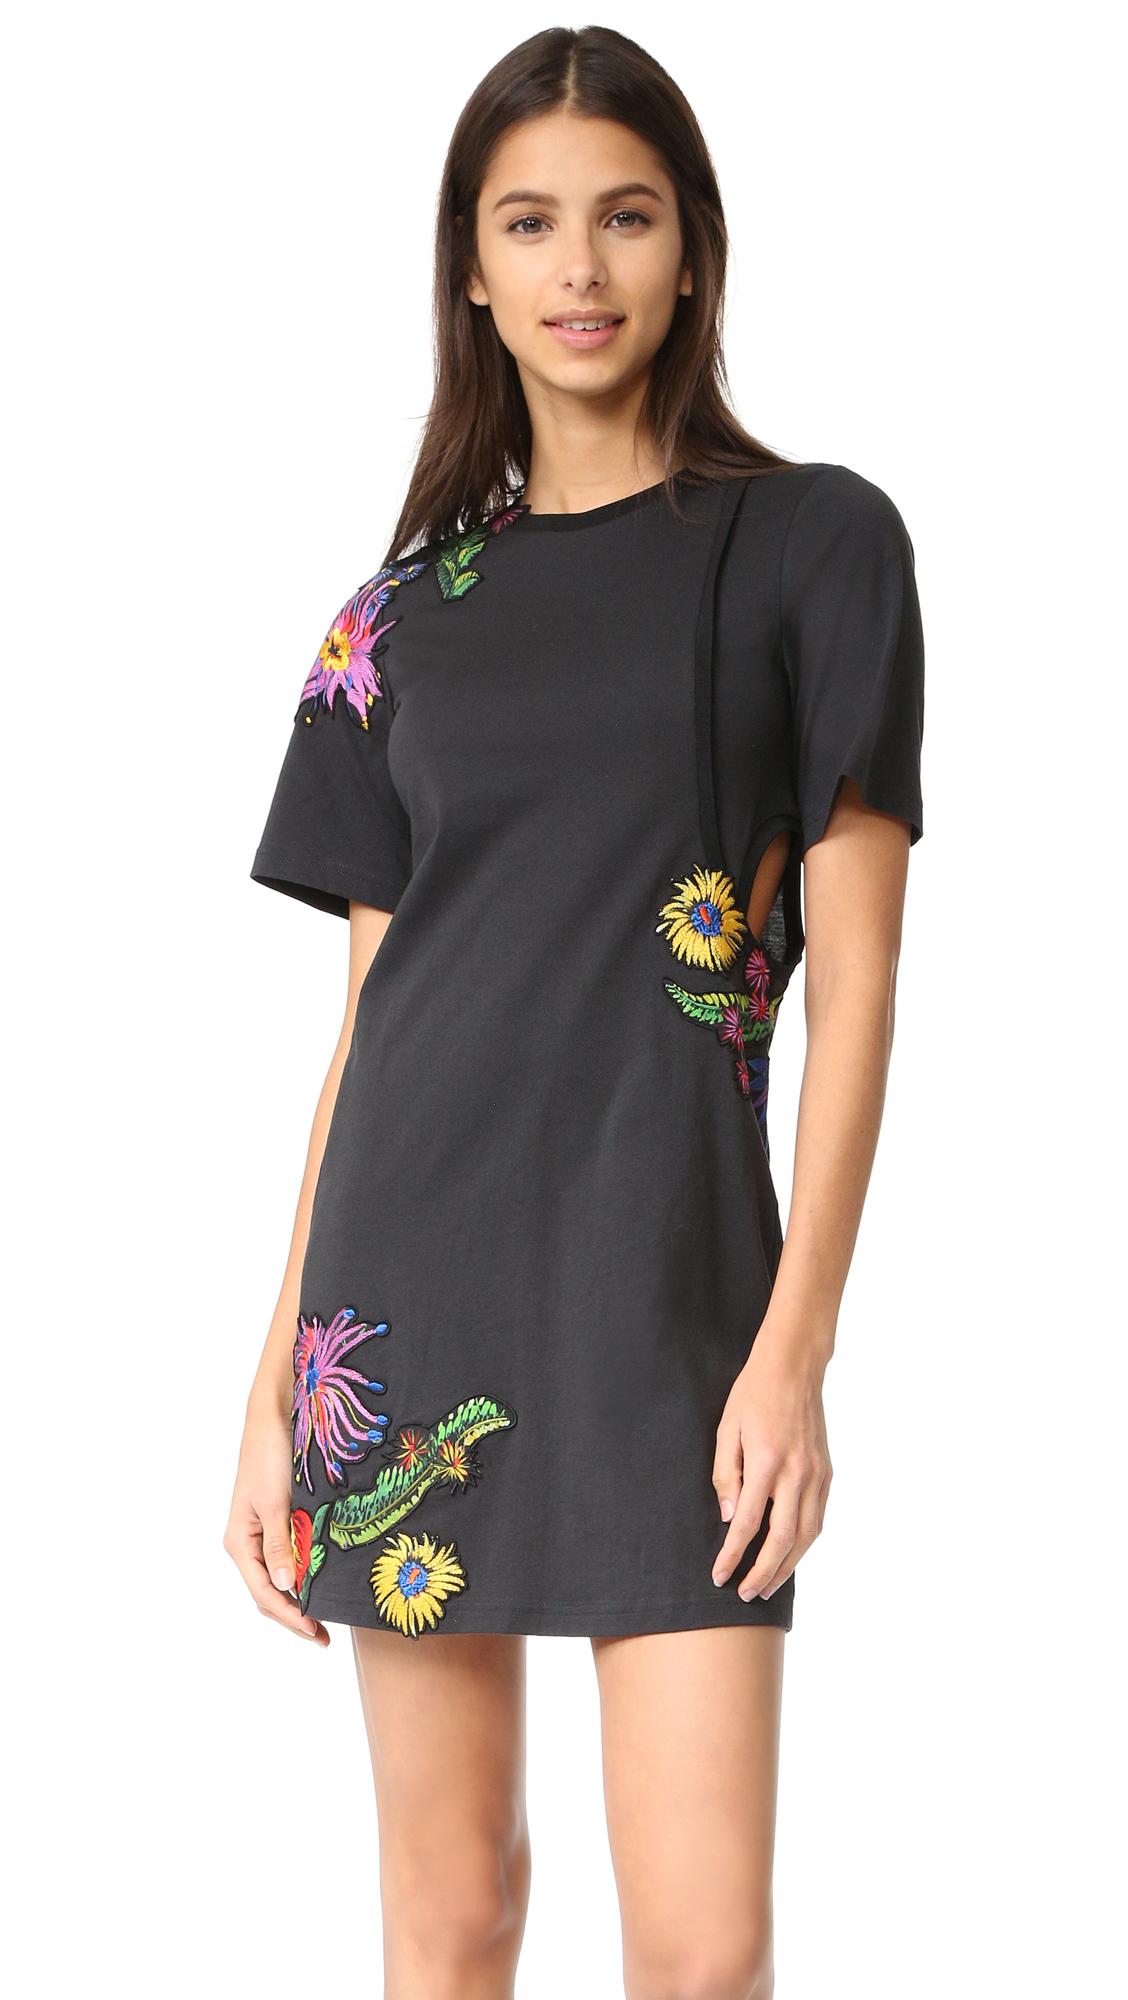 3.1 Phillip Lim Floral Embroidered Dress - Soft Black at Shopbop